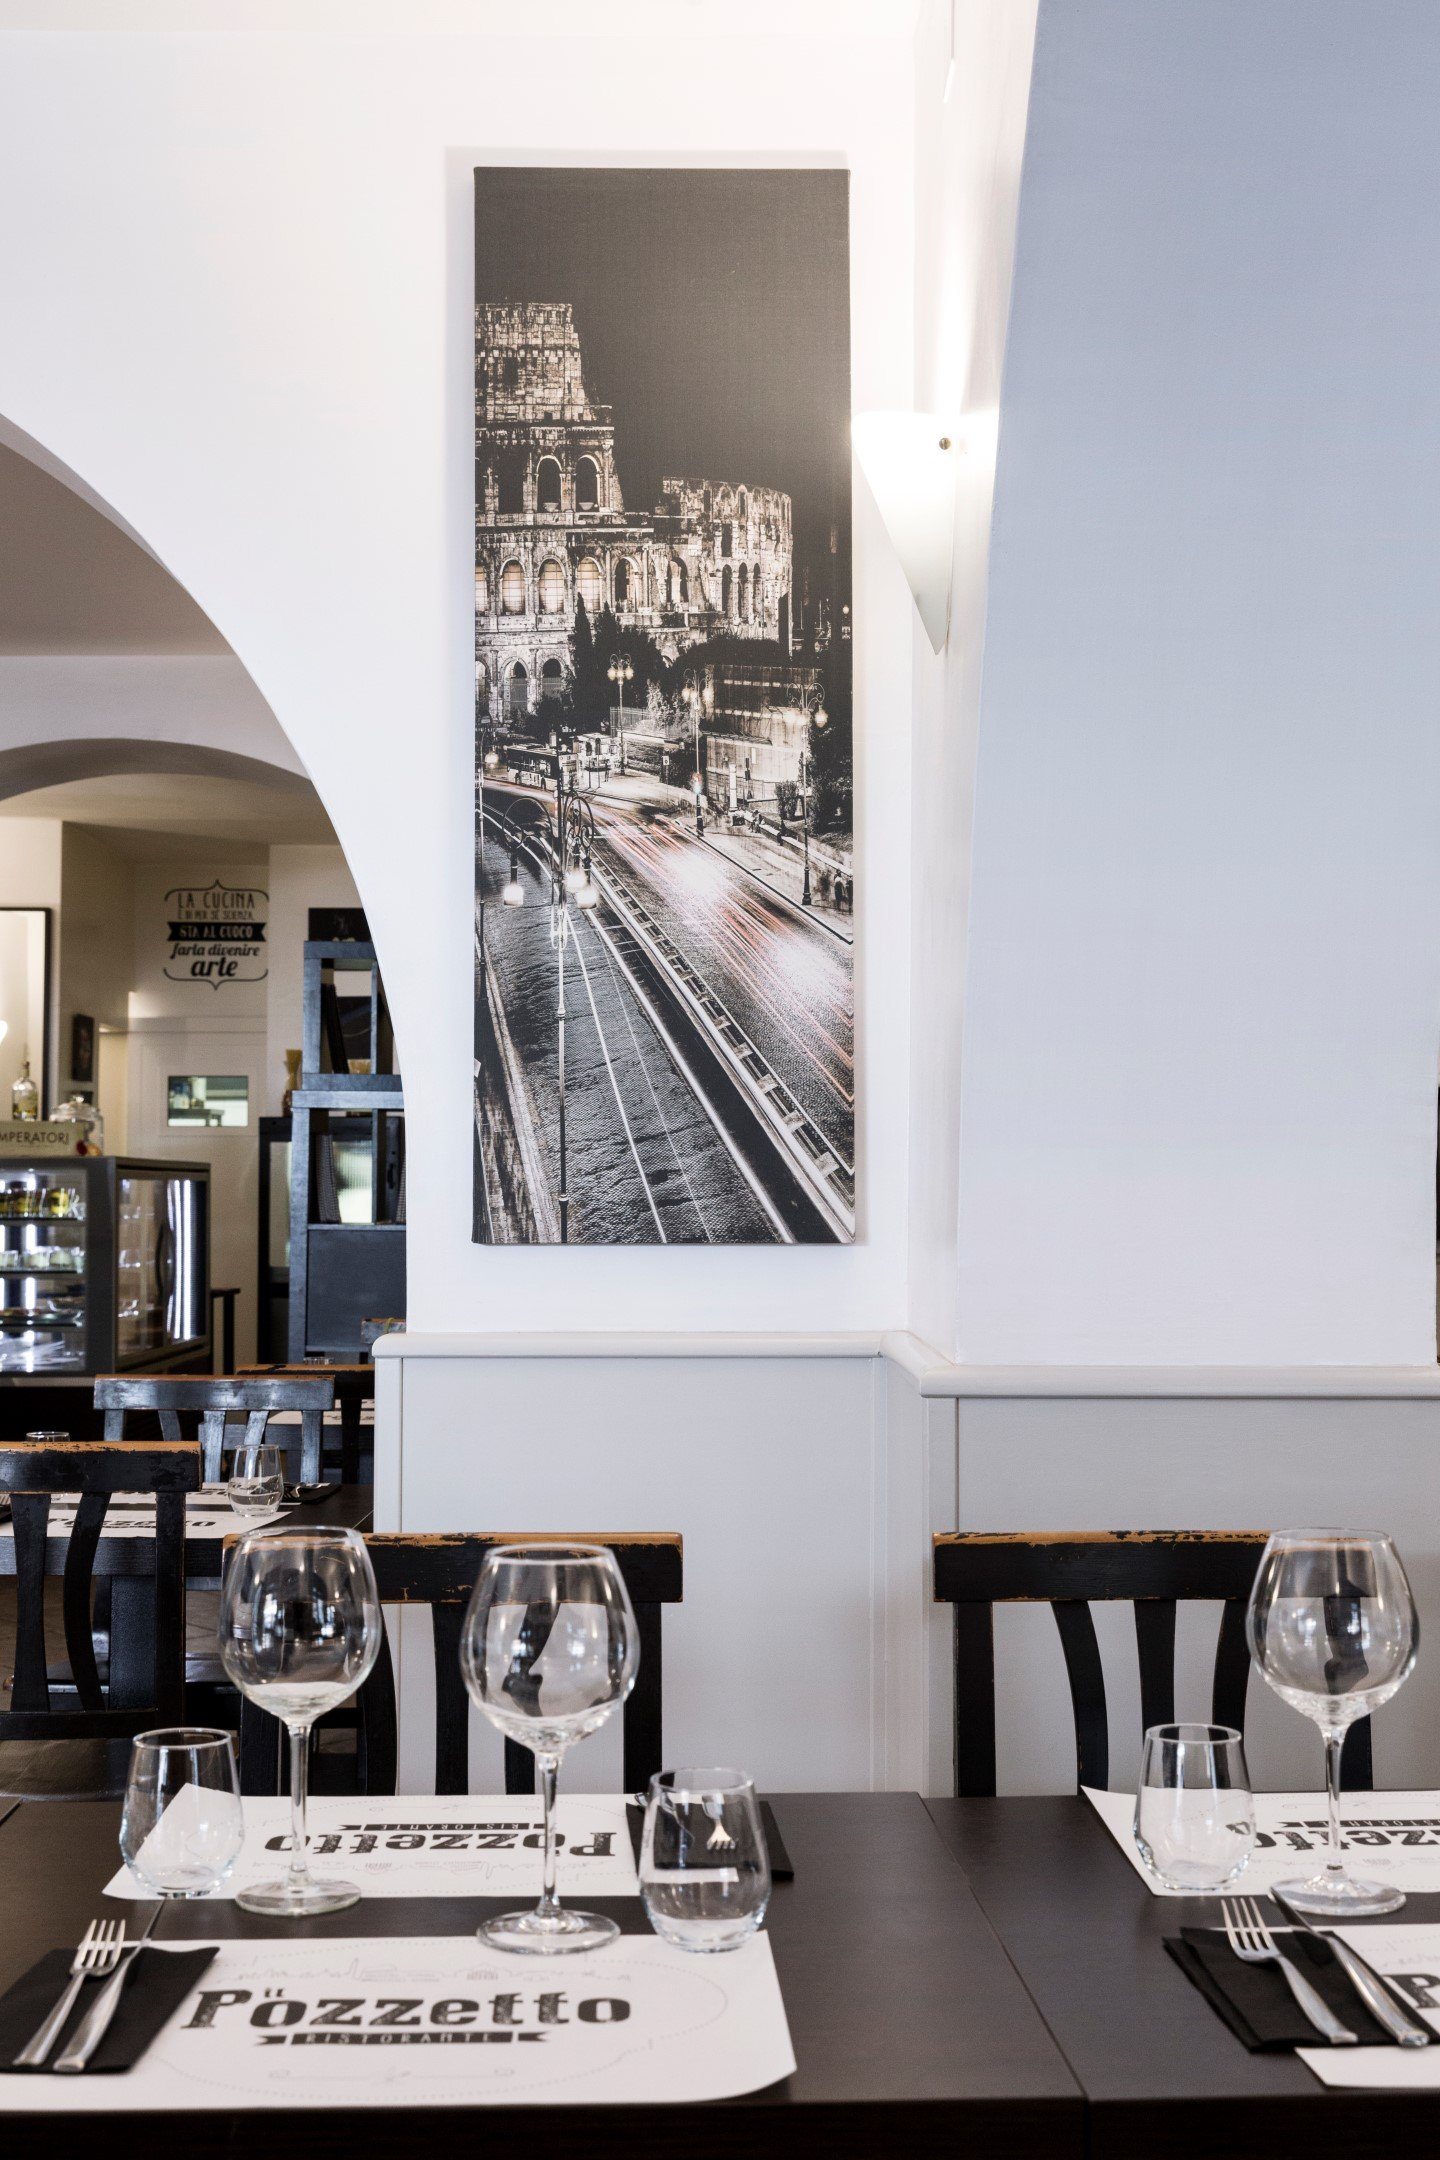 particolare interno del ristorante con tavolino in primo piano